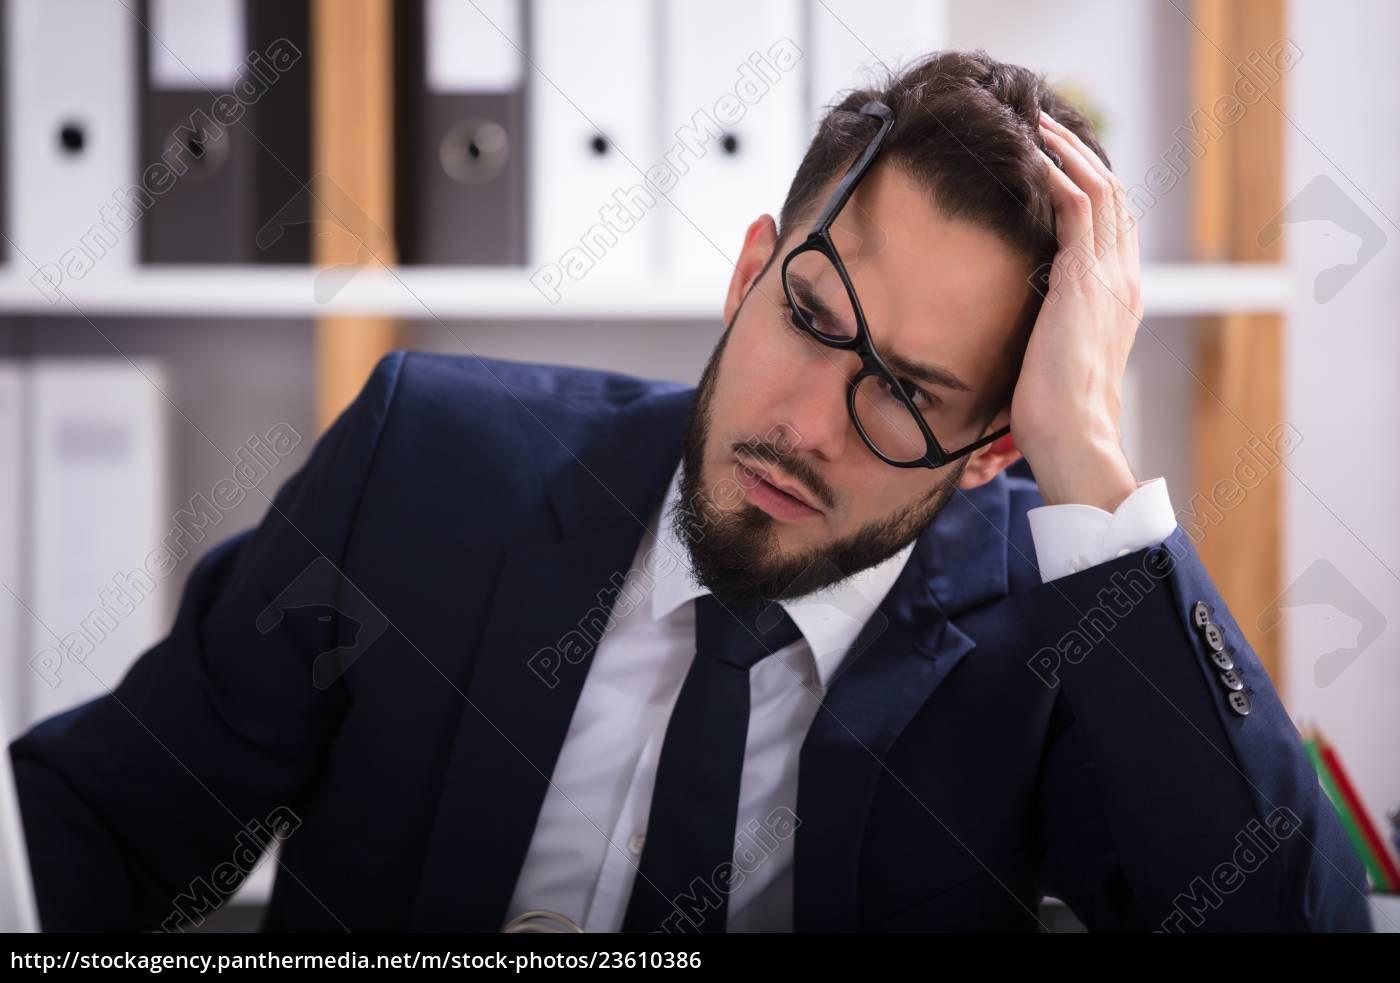 close-up, of, a, sad, businessman - 23610386